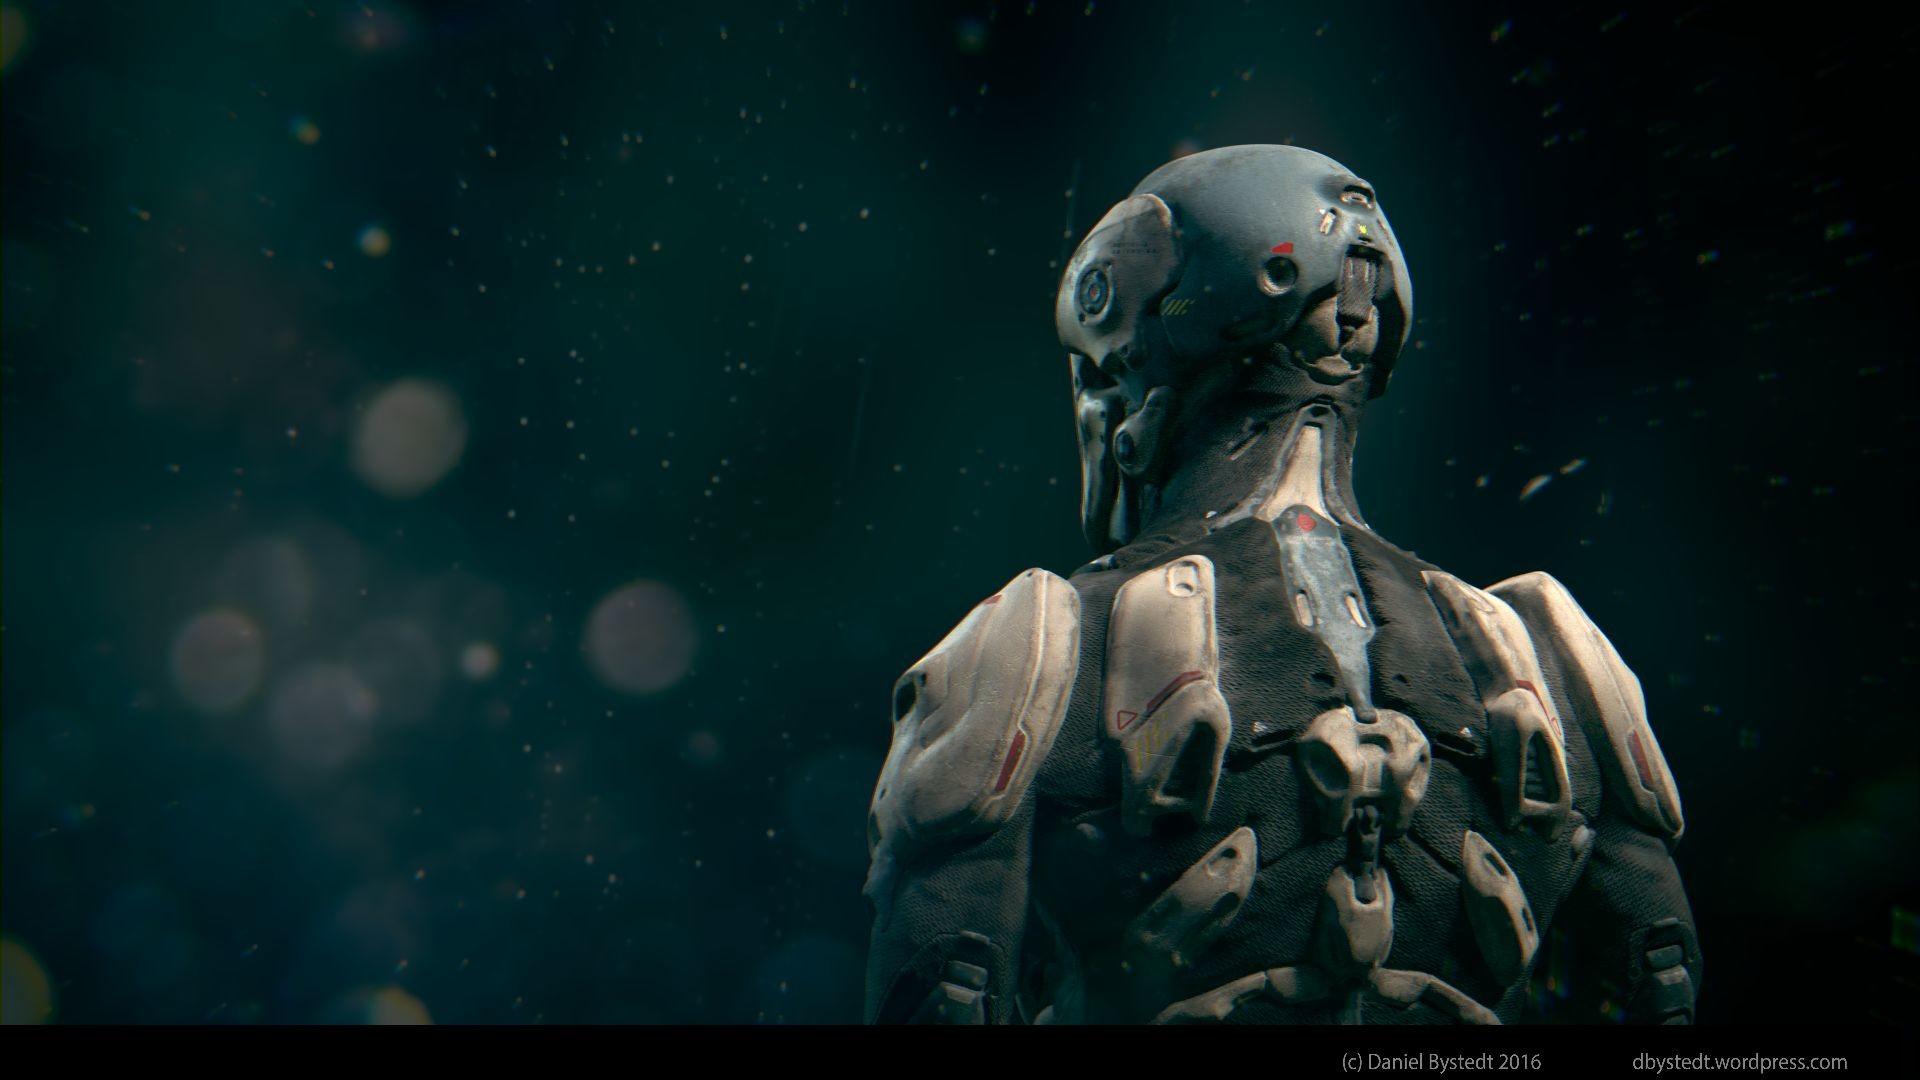 Daniel bystedt robot composite0003